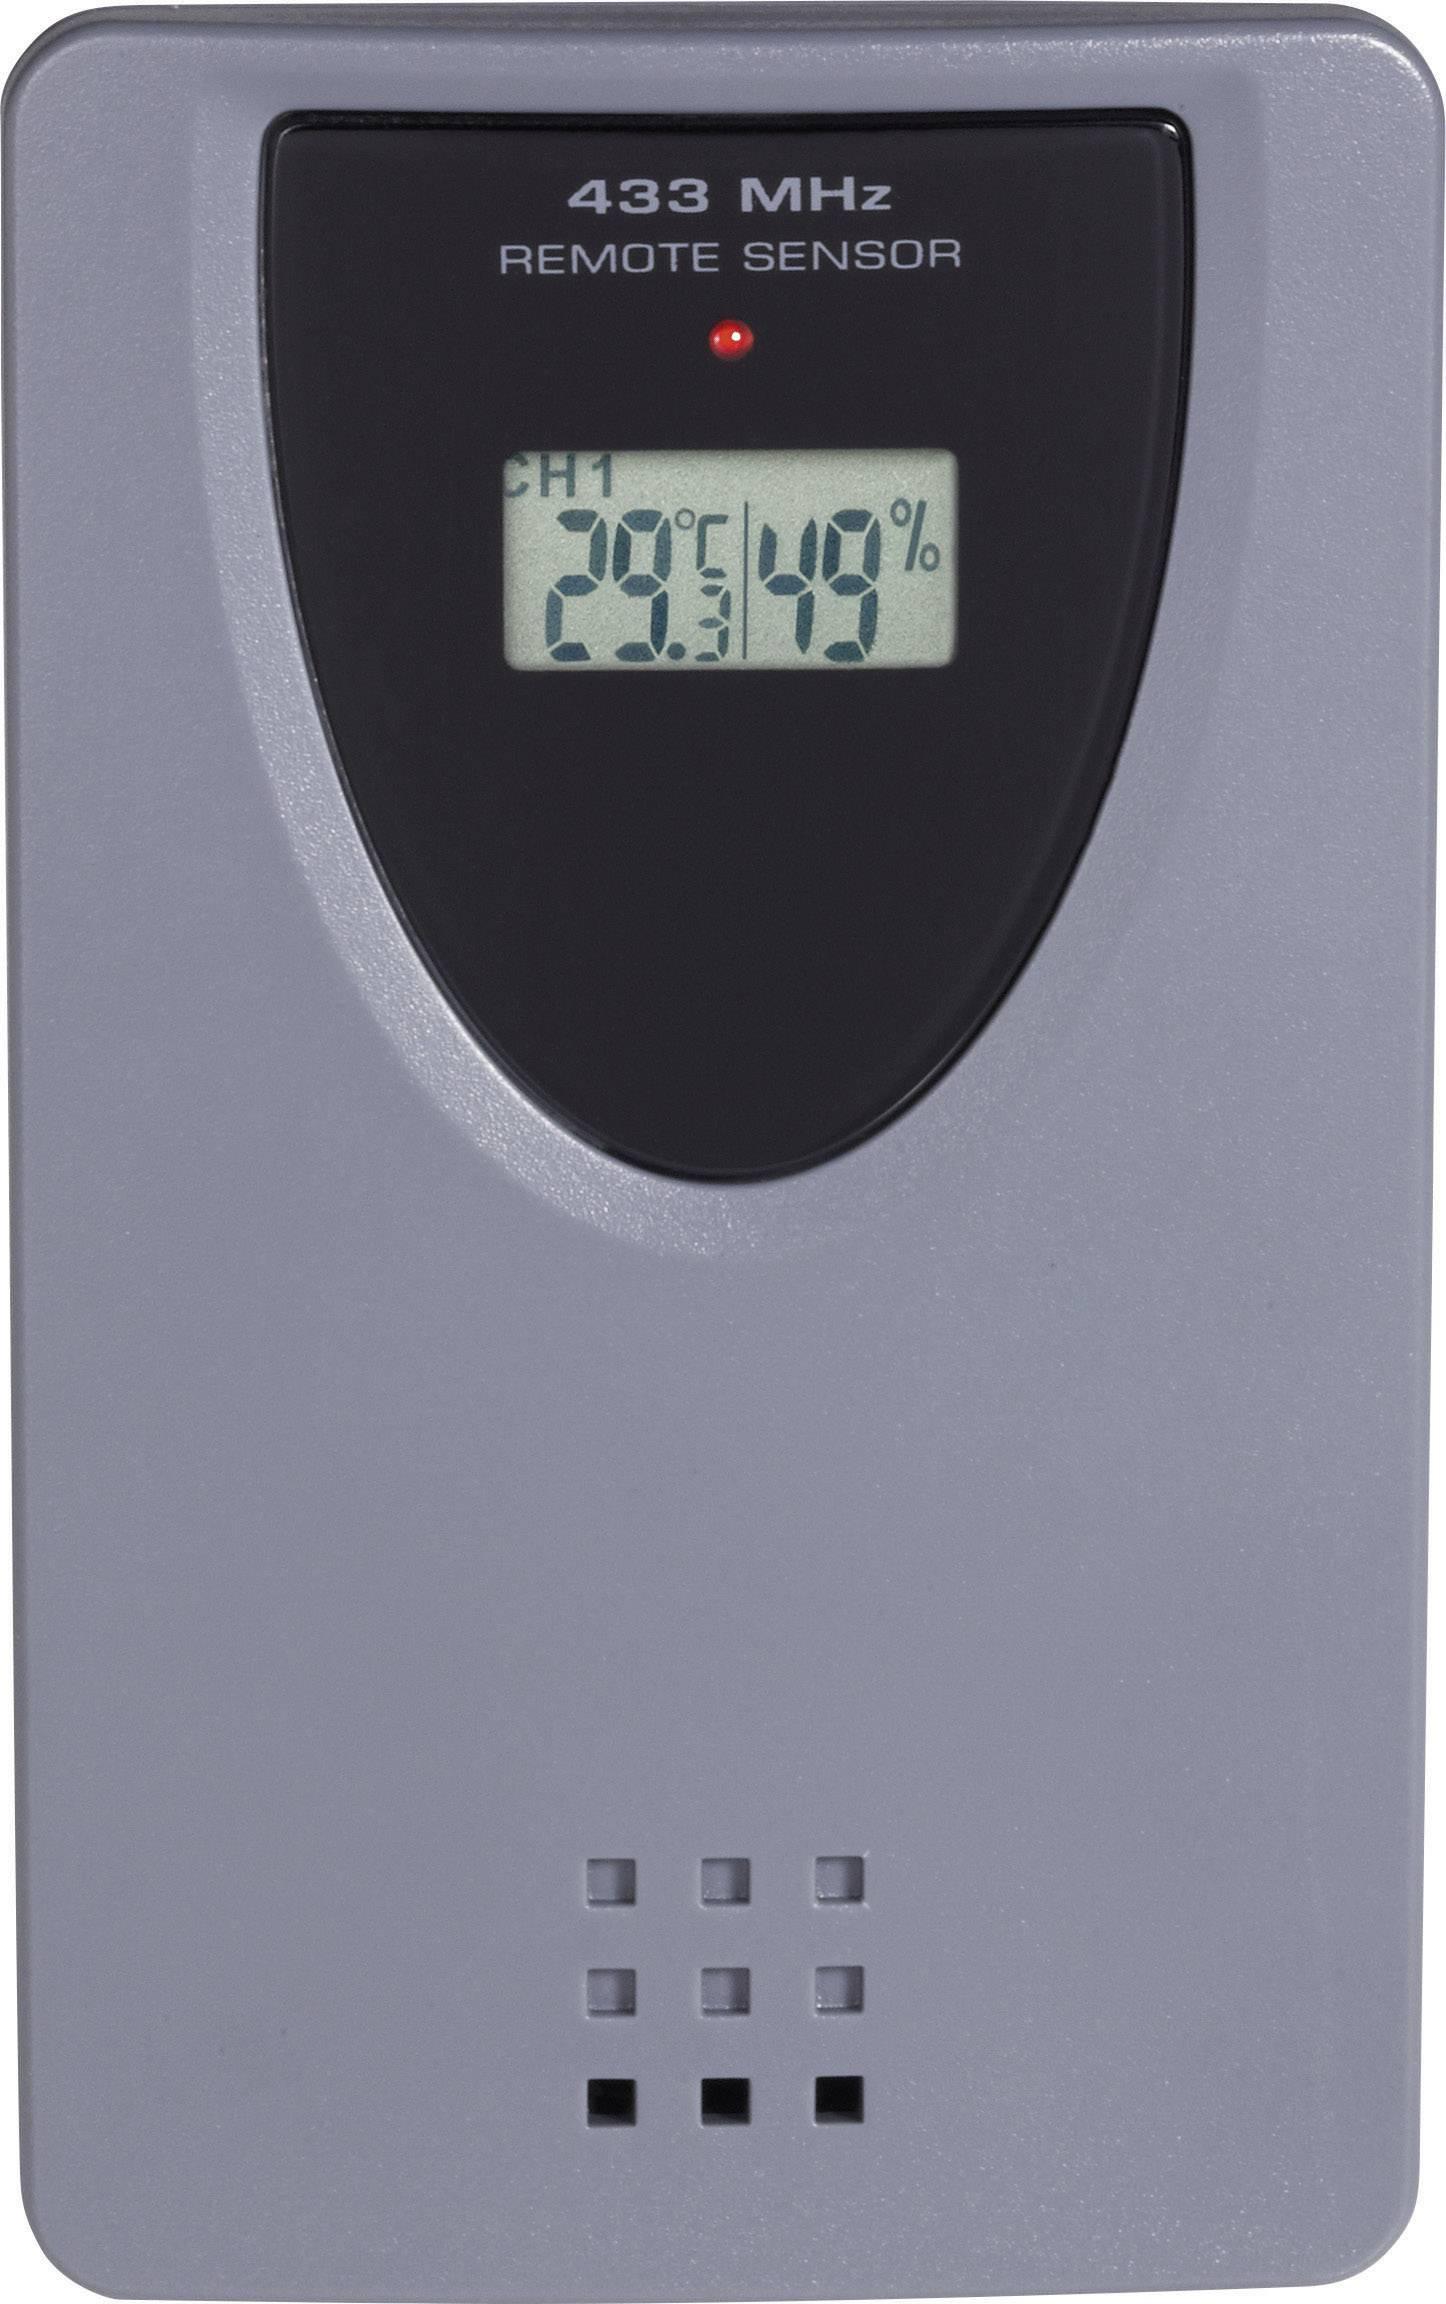 Teplotní/vlhkostní senzor KW-9177TH vhodný k meteostanici Profi KW 9005W